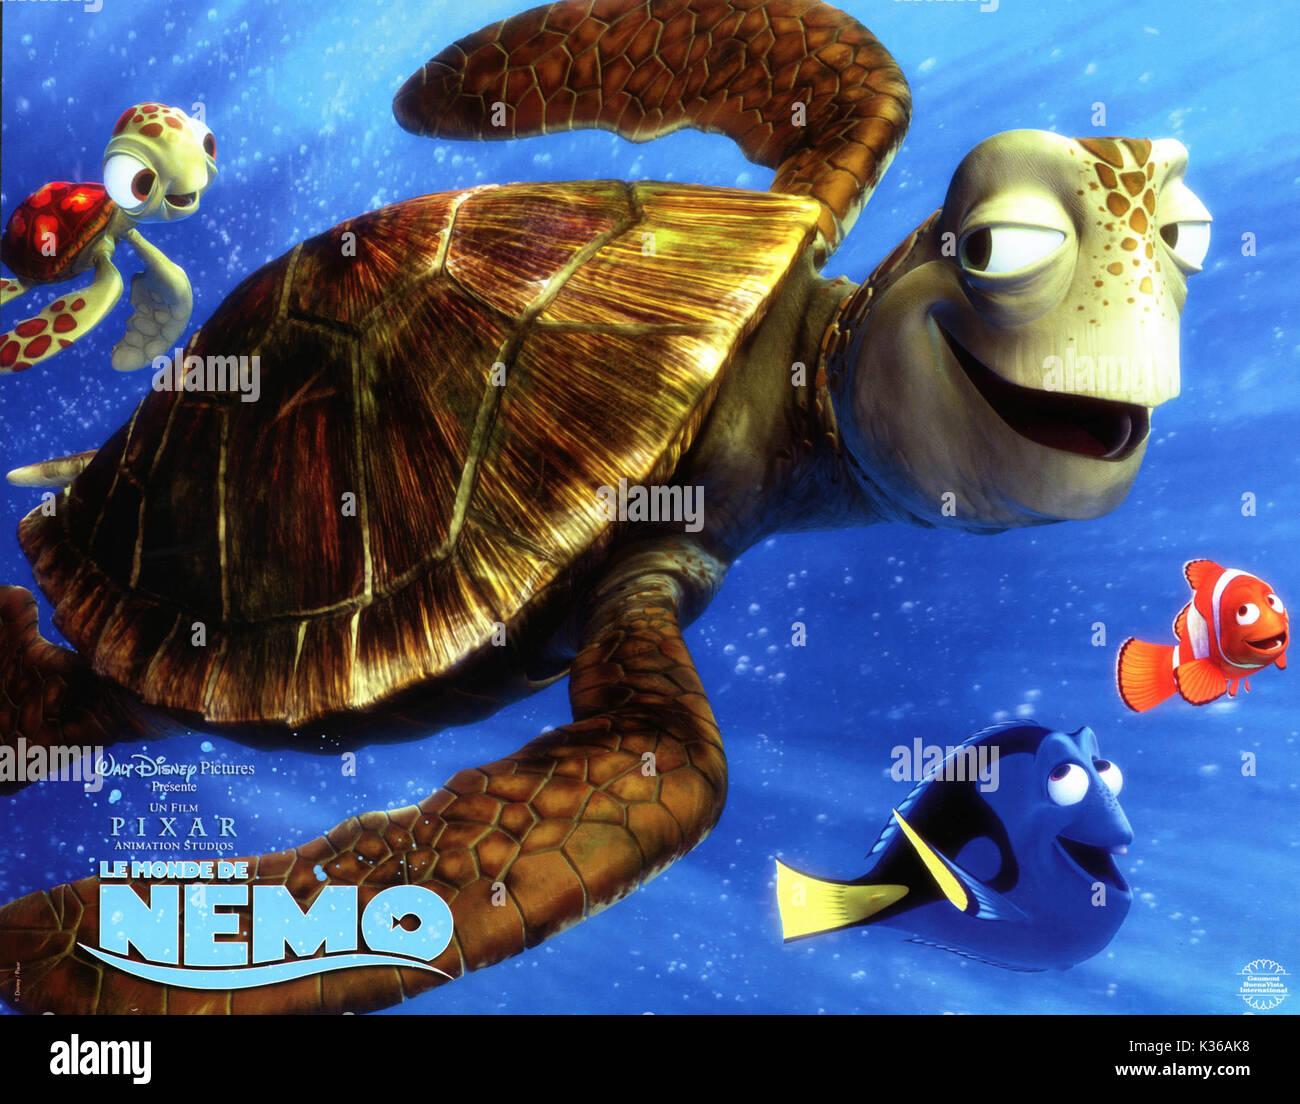 Nemo marlin immagini nemo marlin fotos stock alamy for Immagini dory